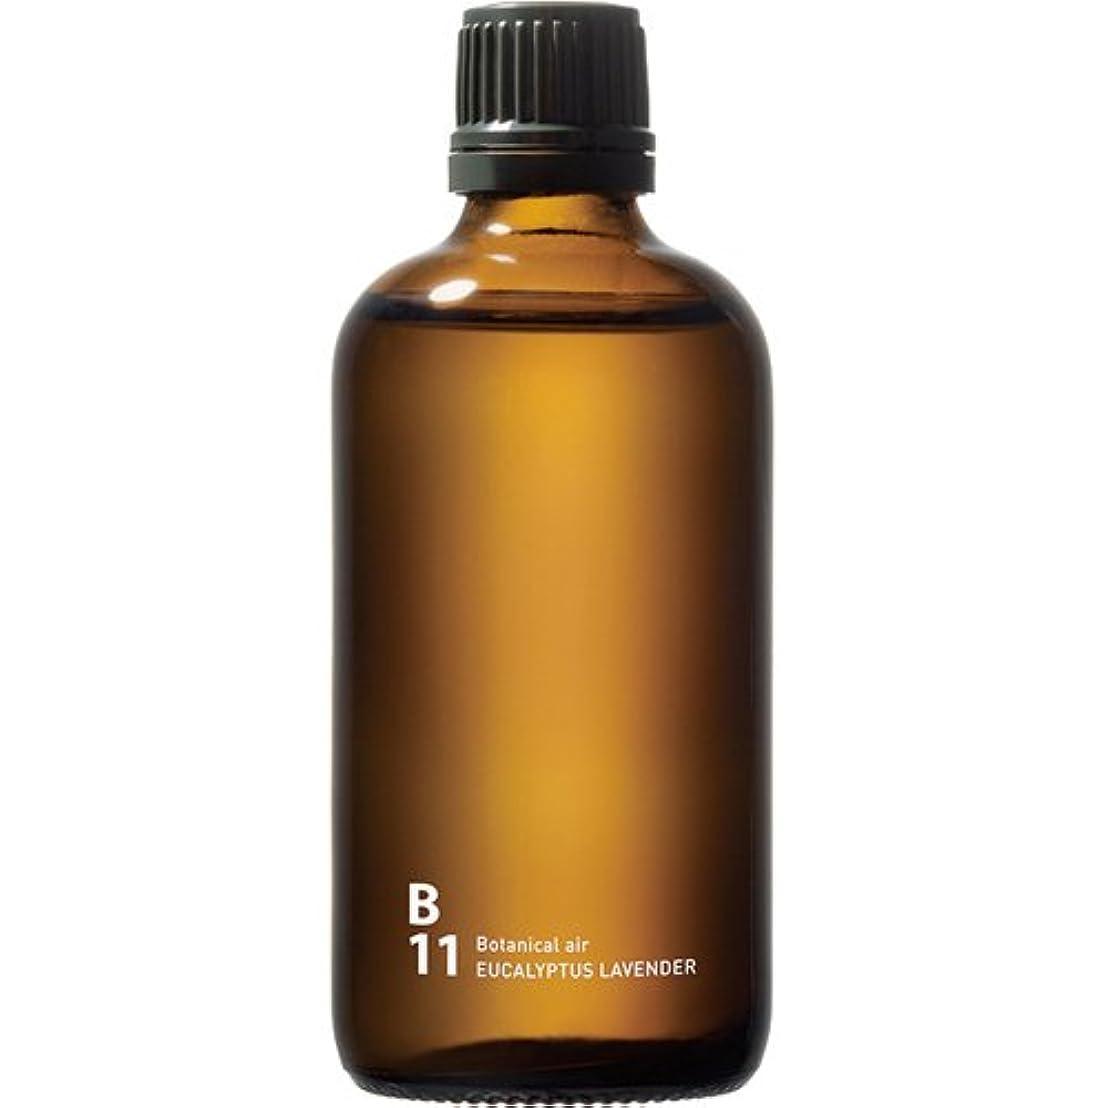 反対仕事適格B11 EUCALYPTUS LAVENDER piezo aroma oil 100ml